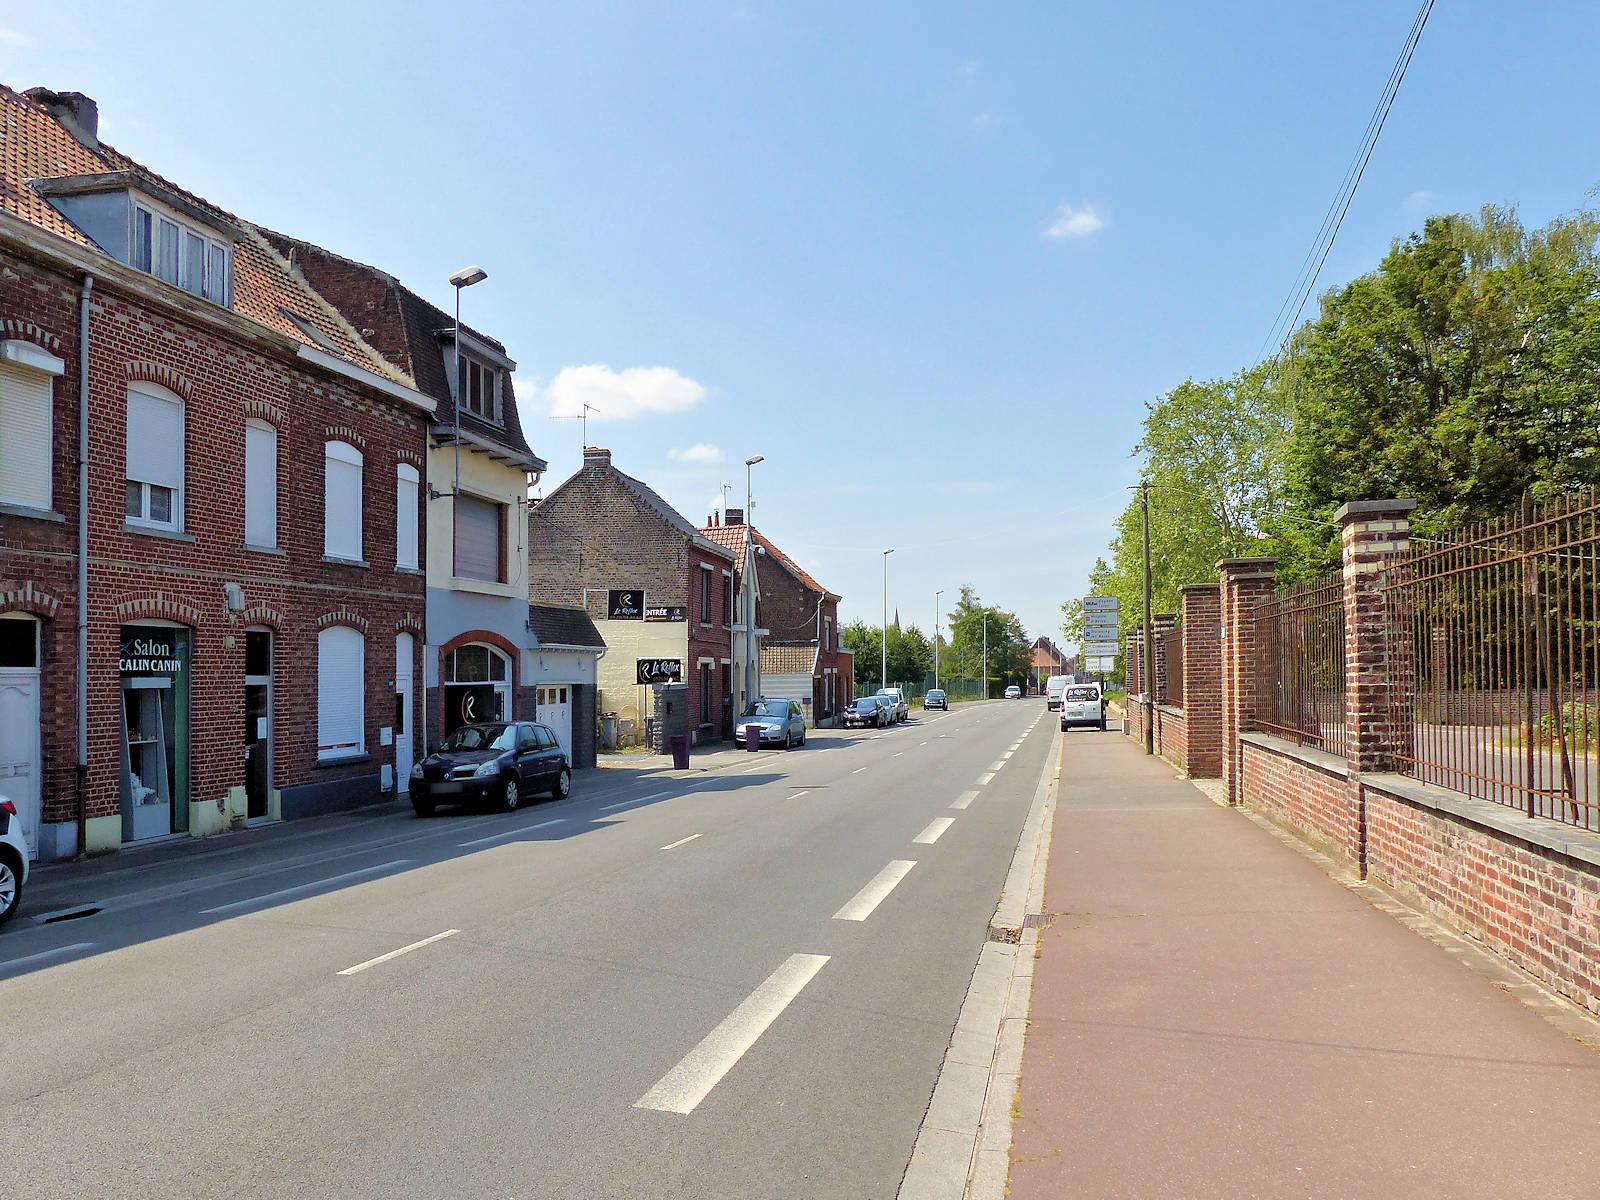 Rue de l'Yser, Tourcoing, 2020